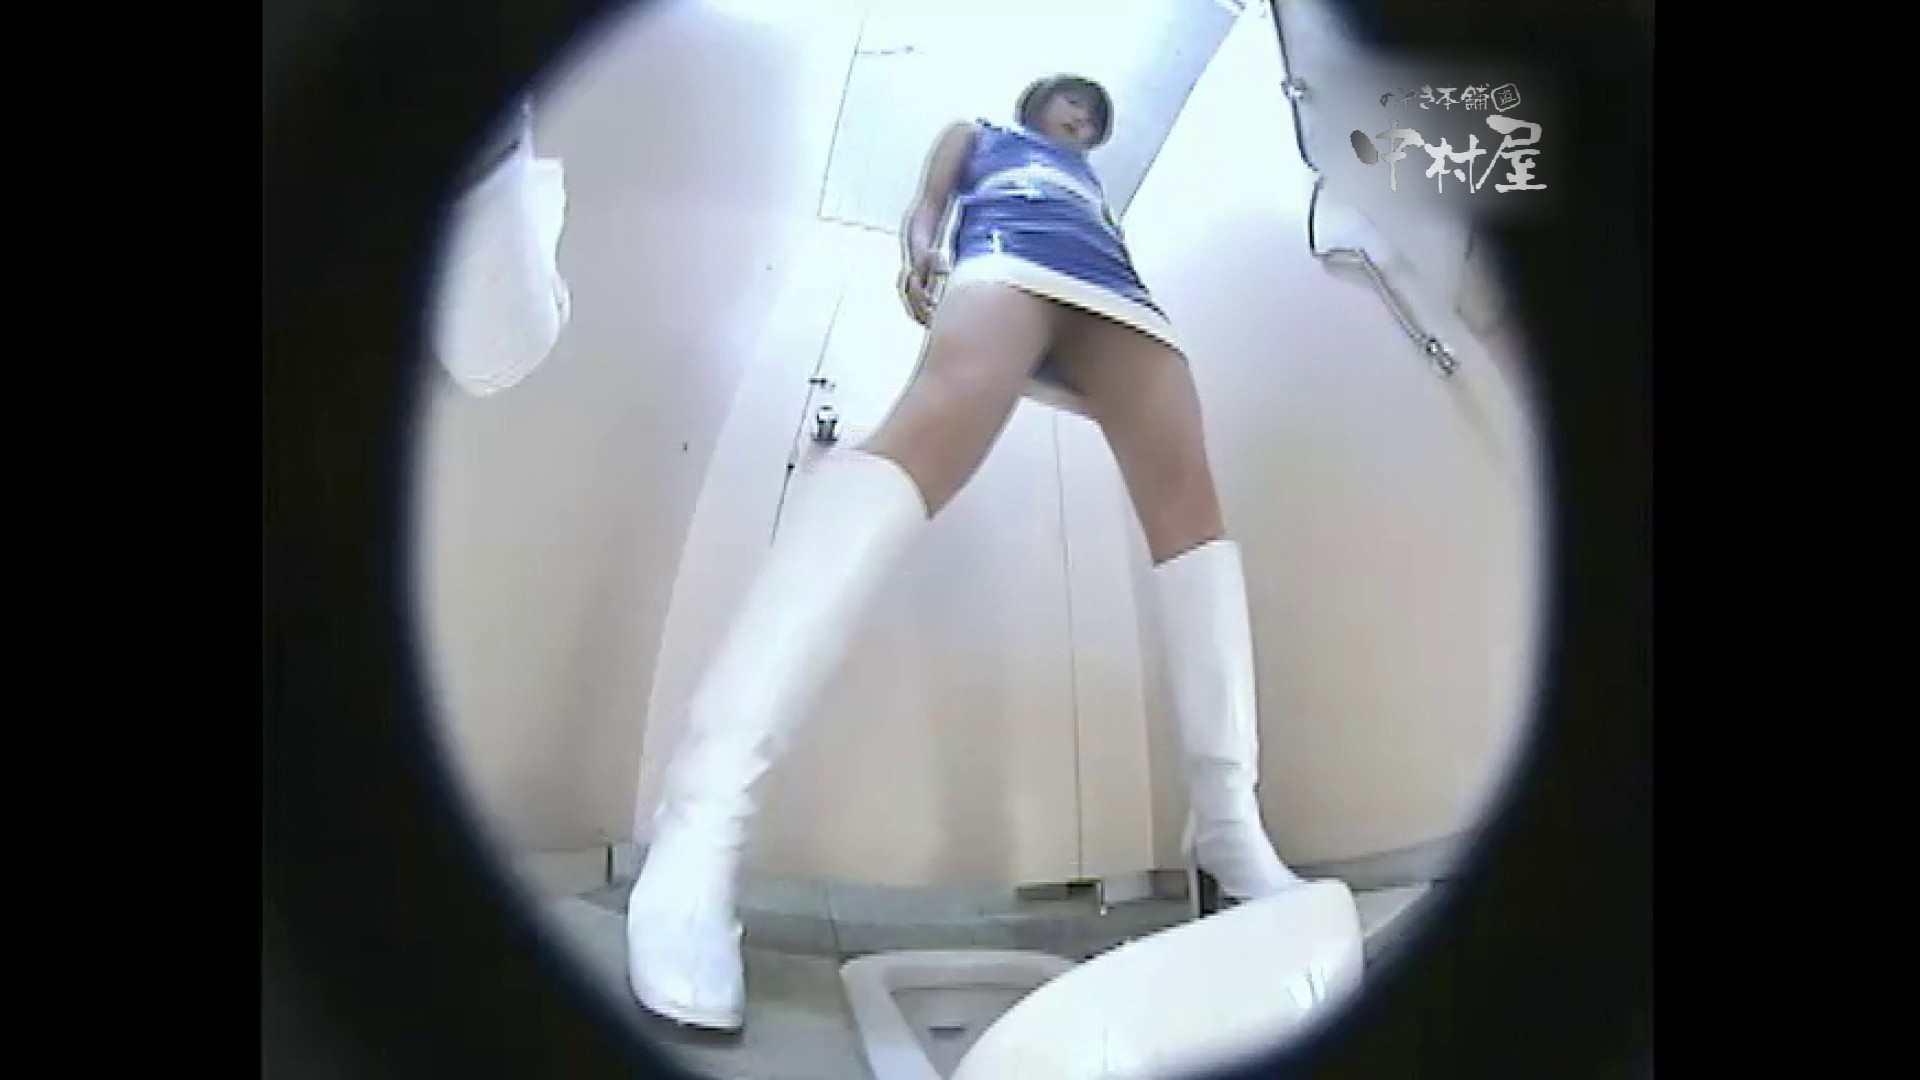 レースクィーントイレ盗撮!Vol.20 美女エロ画像 オマンコ動画キャプチャ 89PICs 26